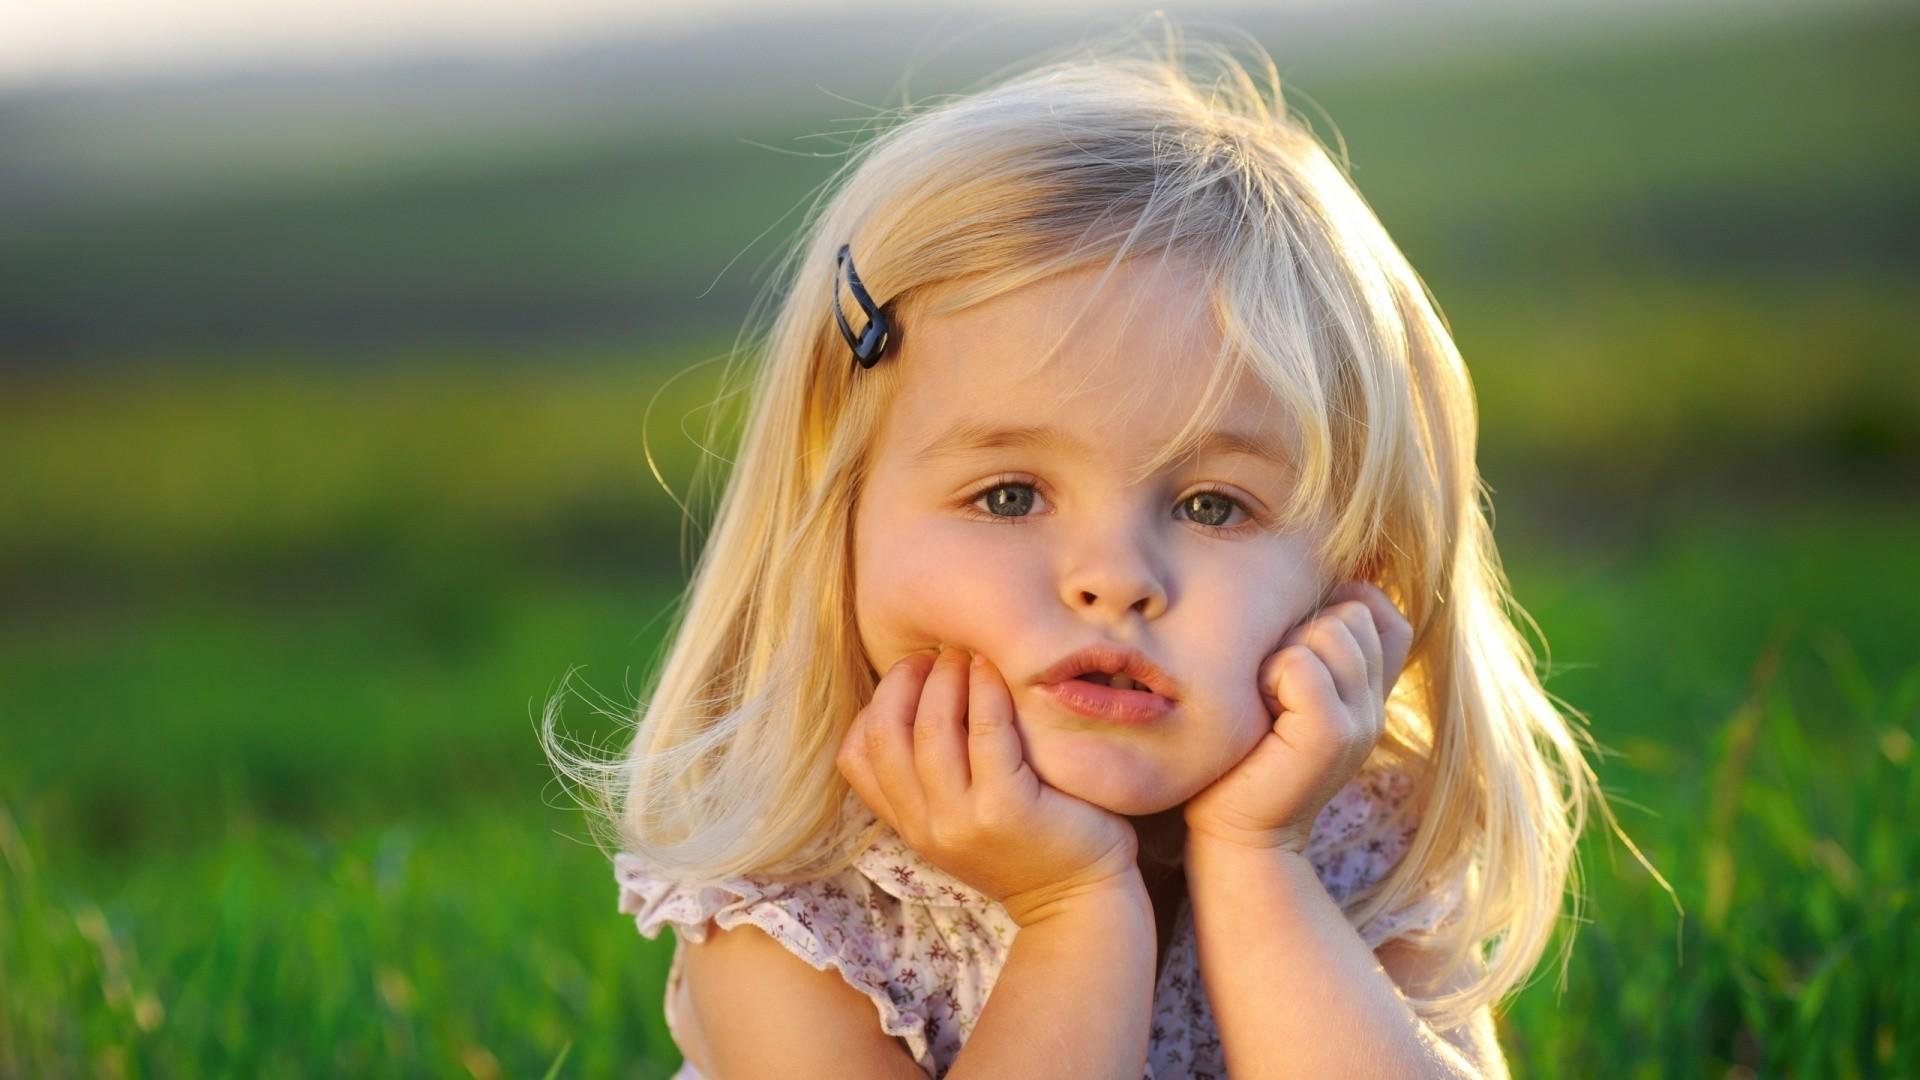 Ученые: Дети начинают беспокоиться о собственной фигуре ввозрасте 2 лет